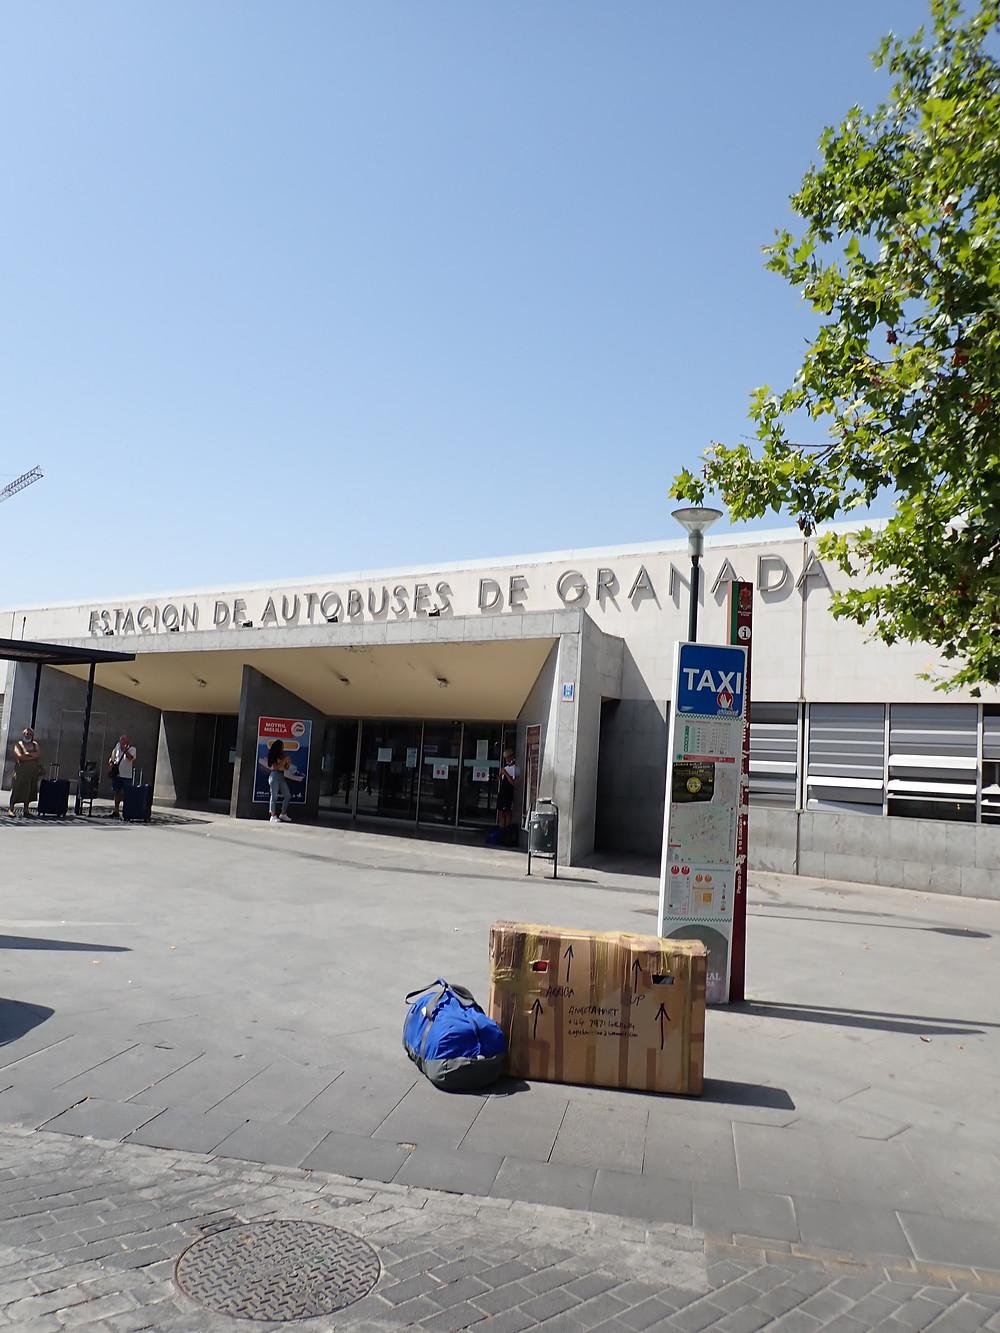 My luggage in Malaga bus station